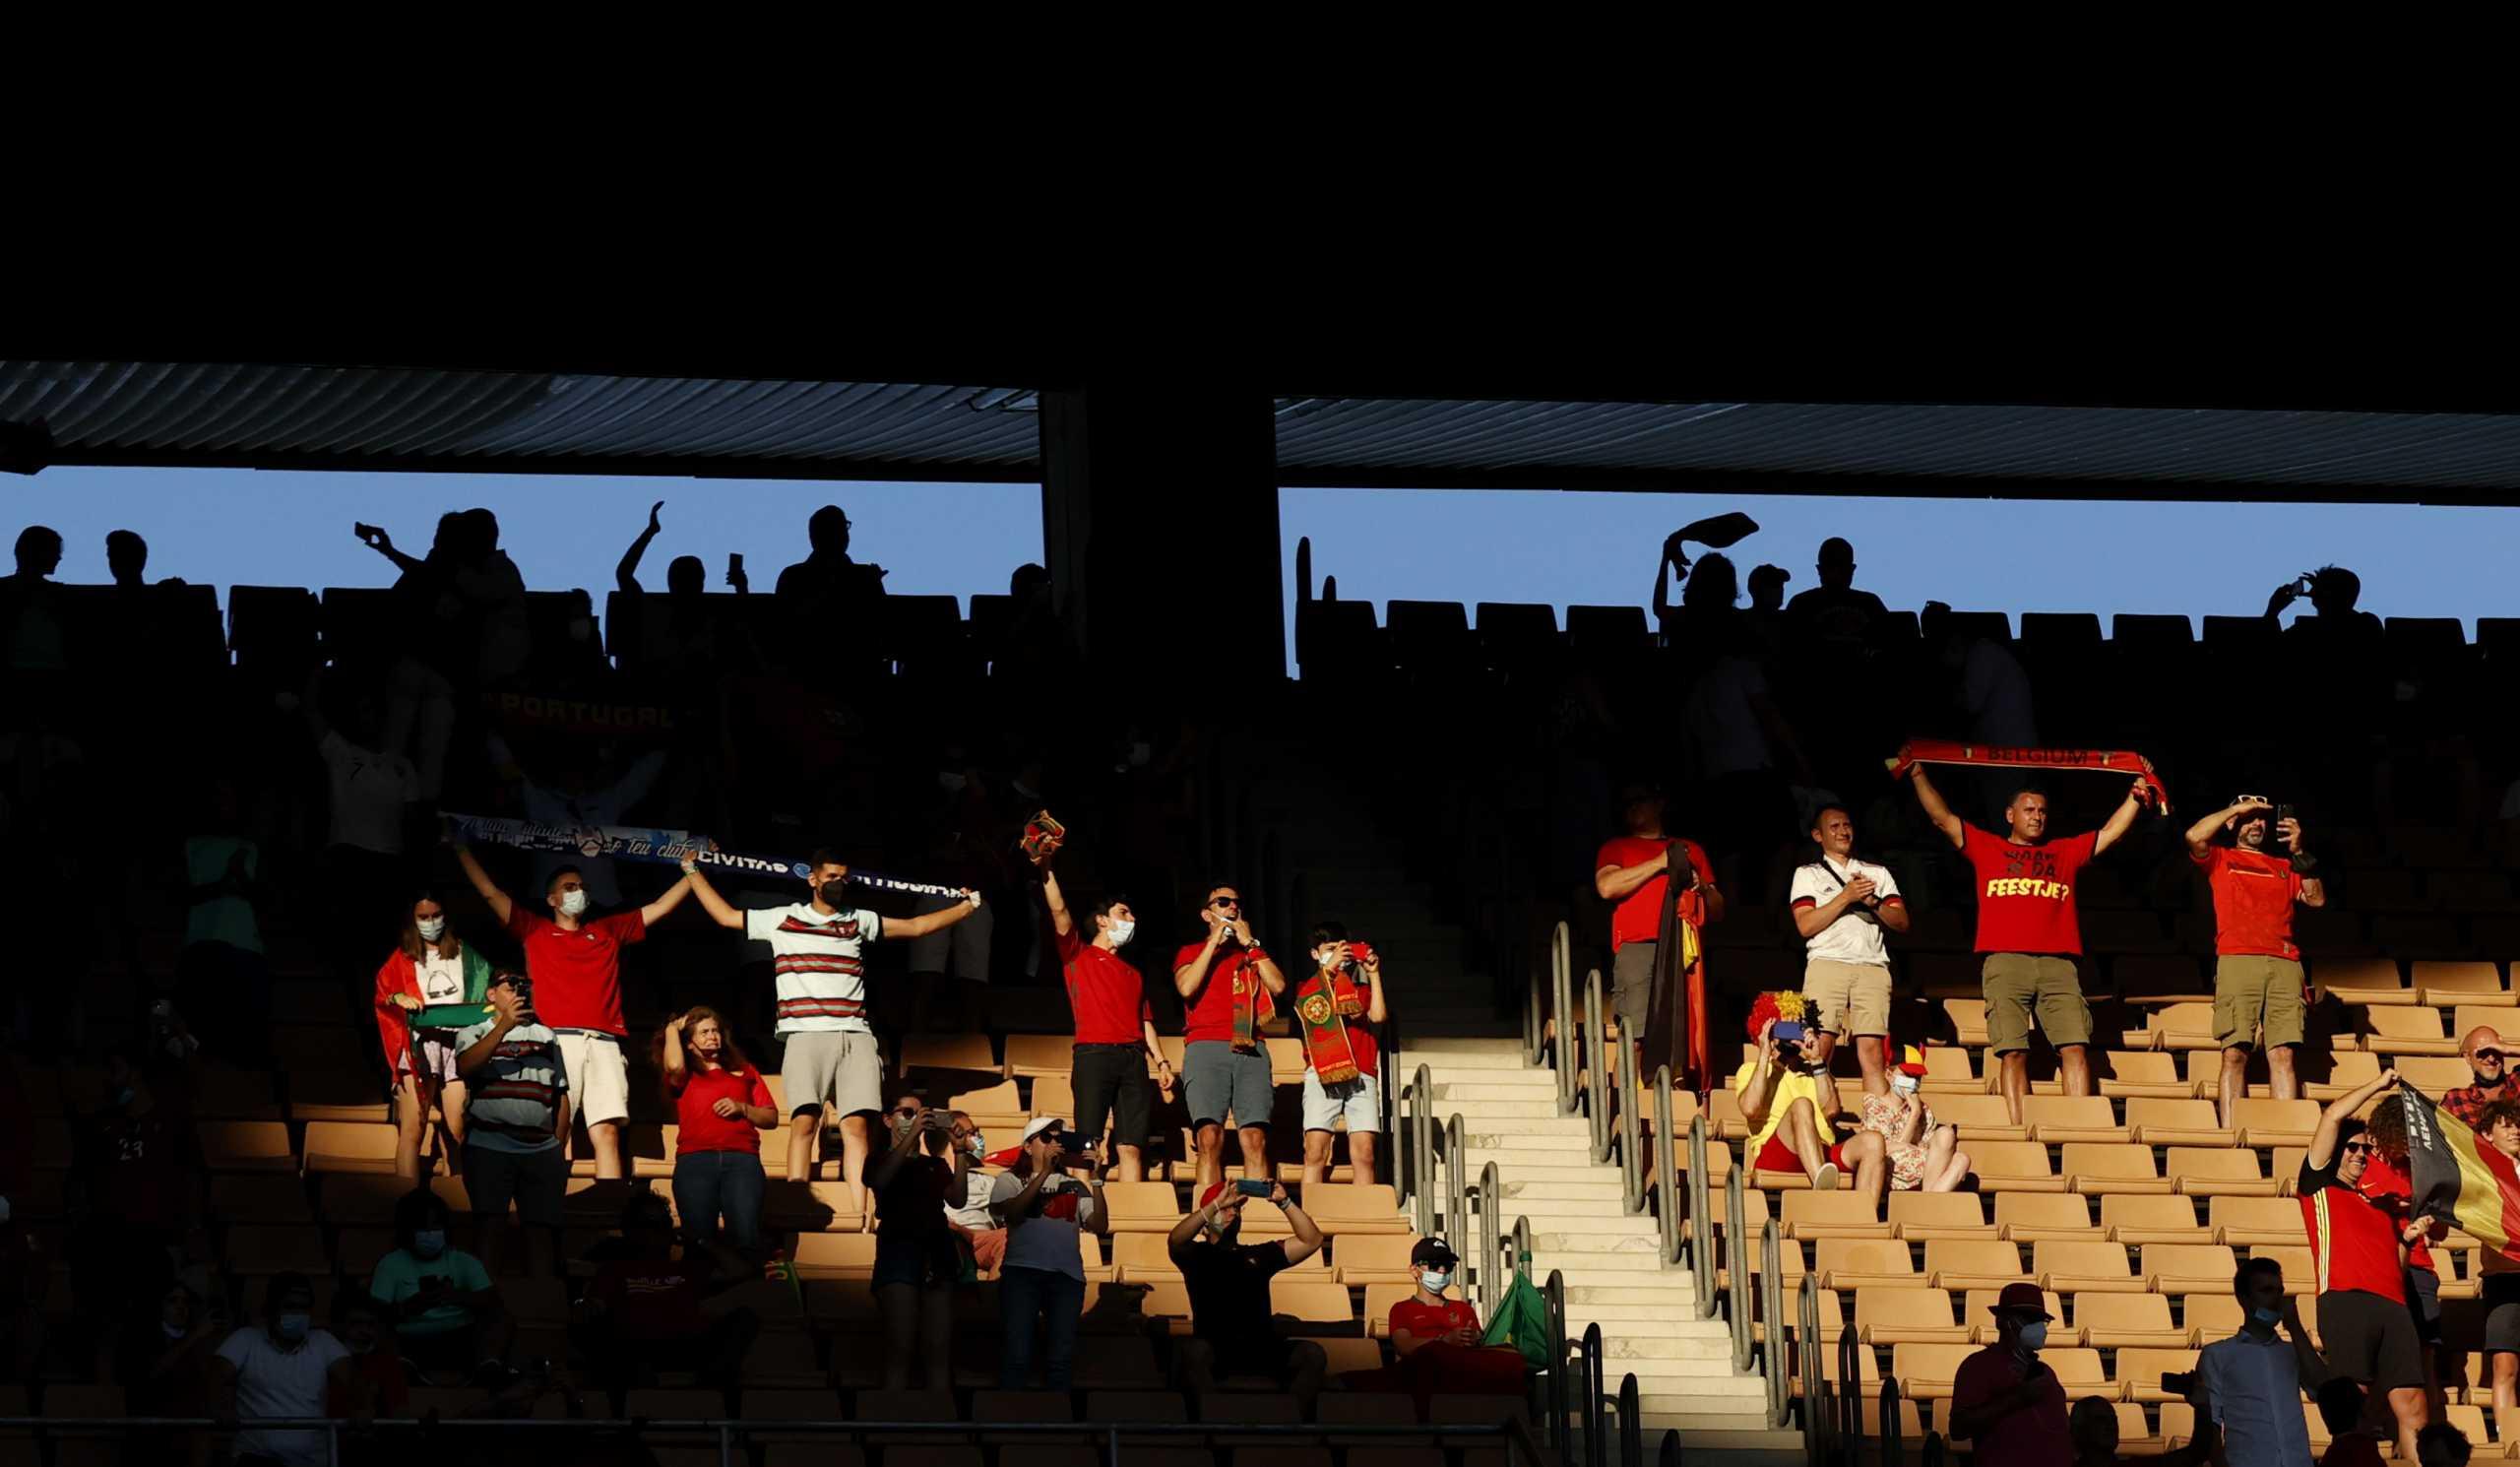 Μετάλλαξη Δέλτα: Εννιά κρούσματα σε οπαδούς της Εθνικής Πορτογαλίας